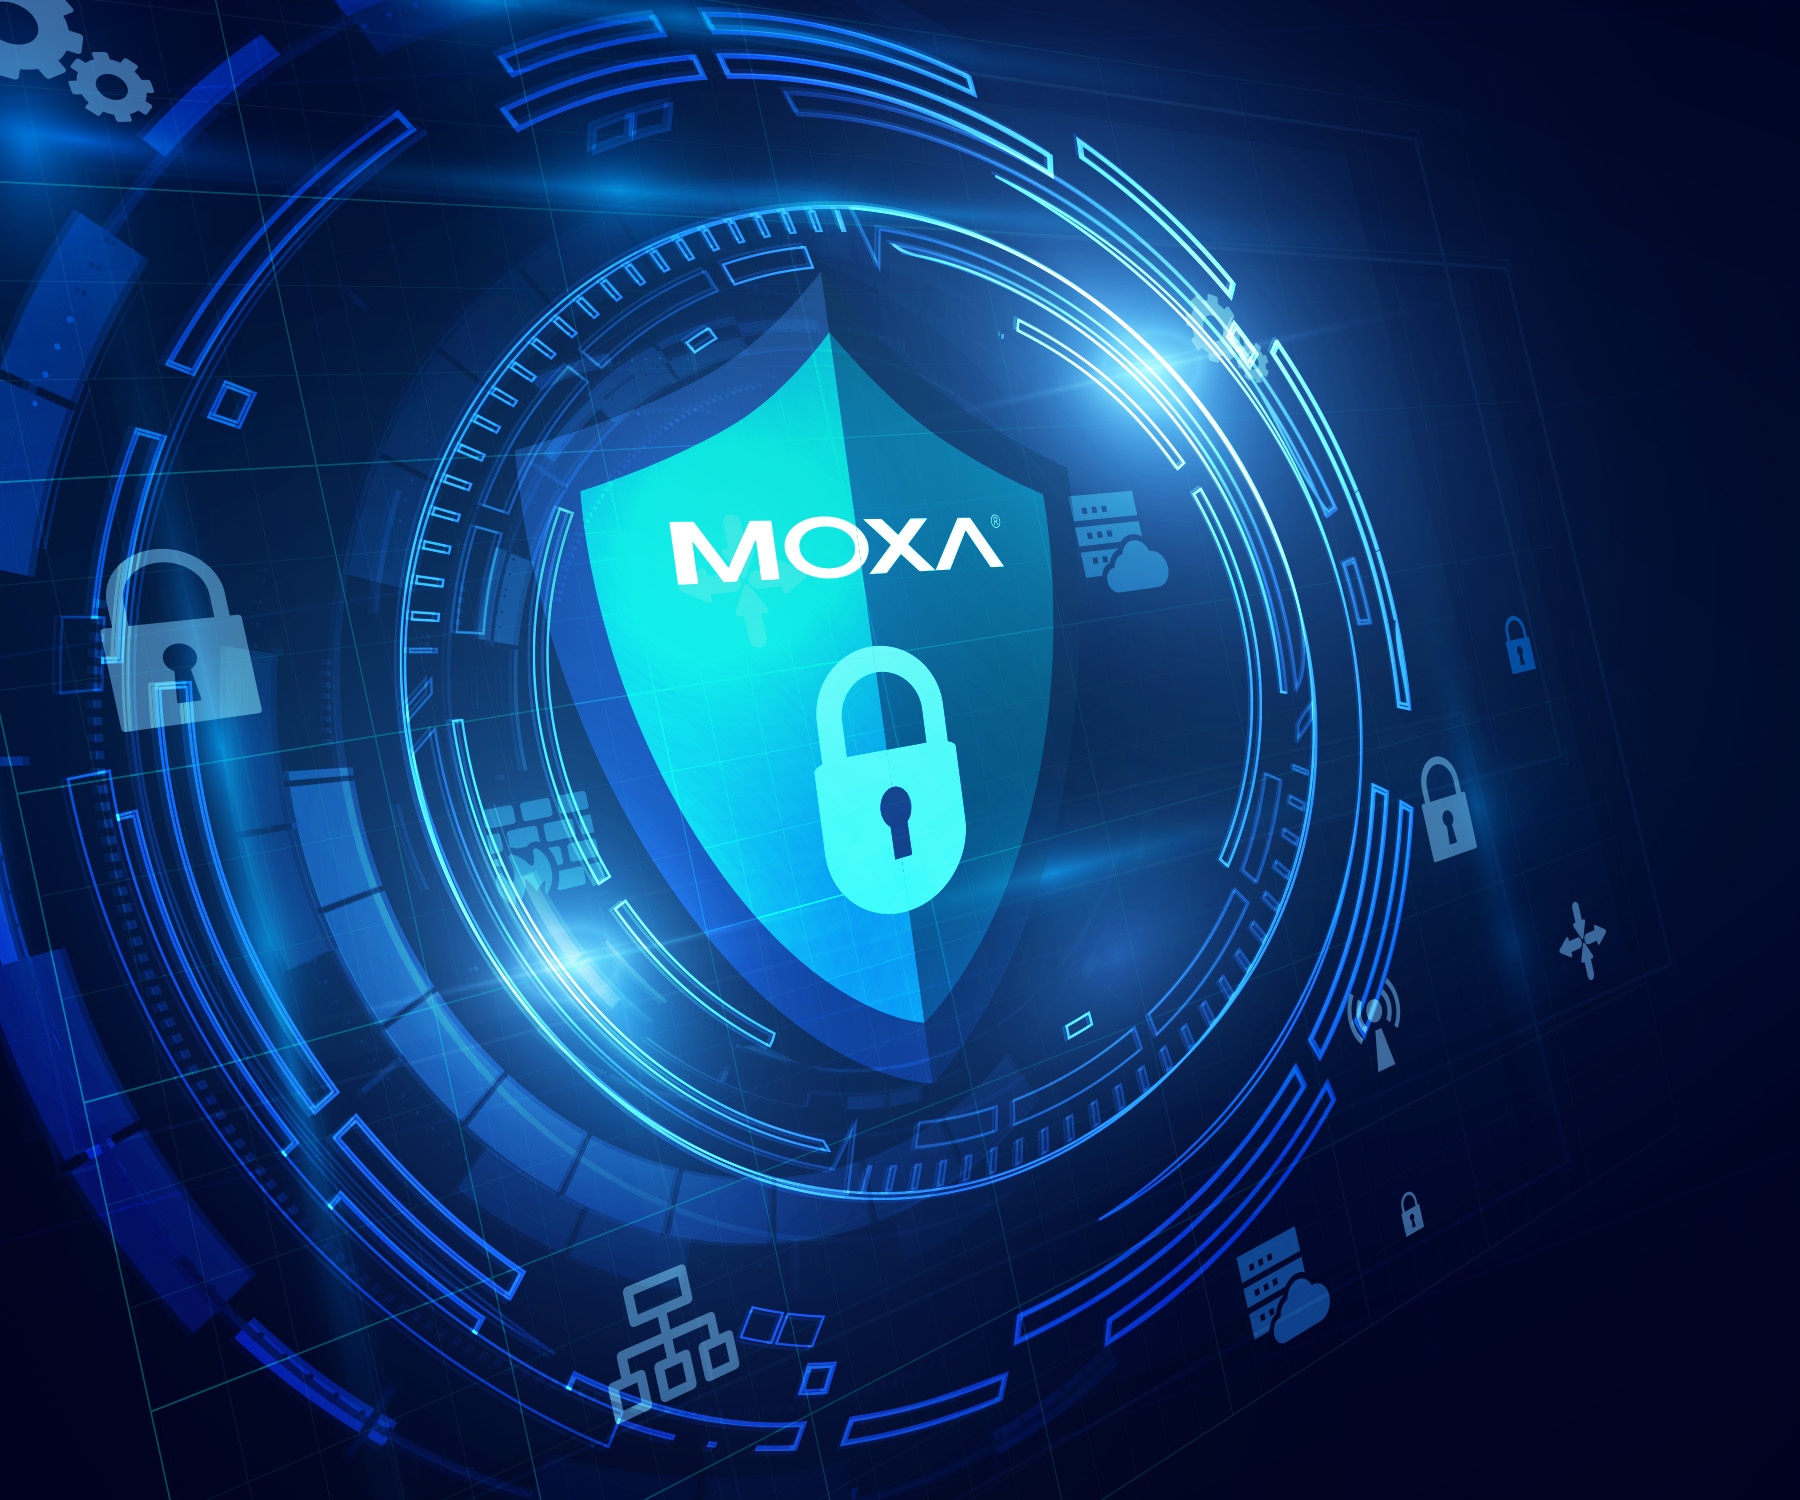 Moxa獲 IEC 62443-4-1認證  推進工業網路設備原生安全功能